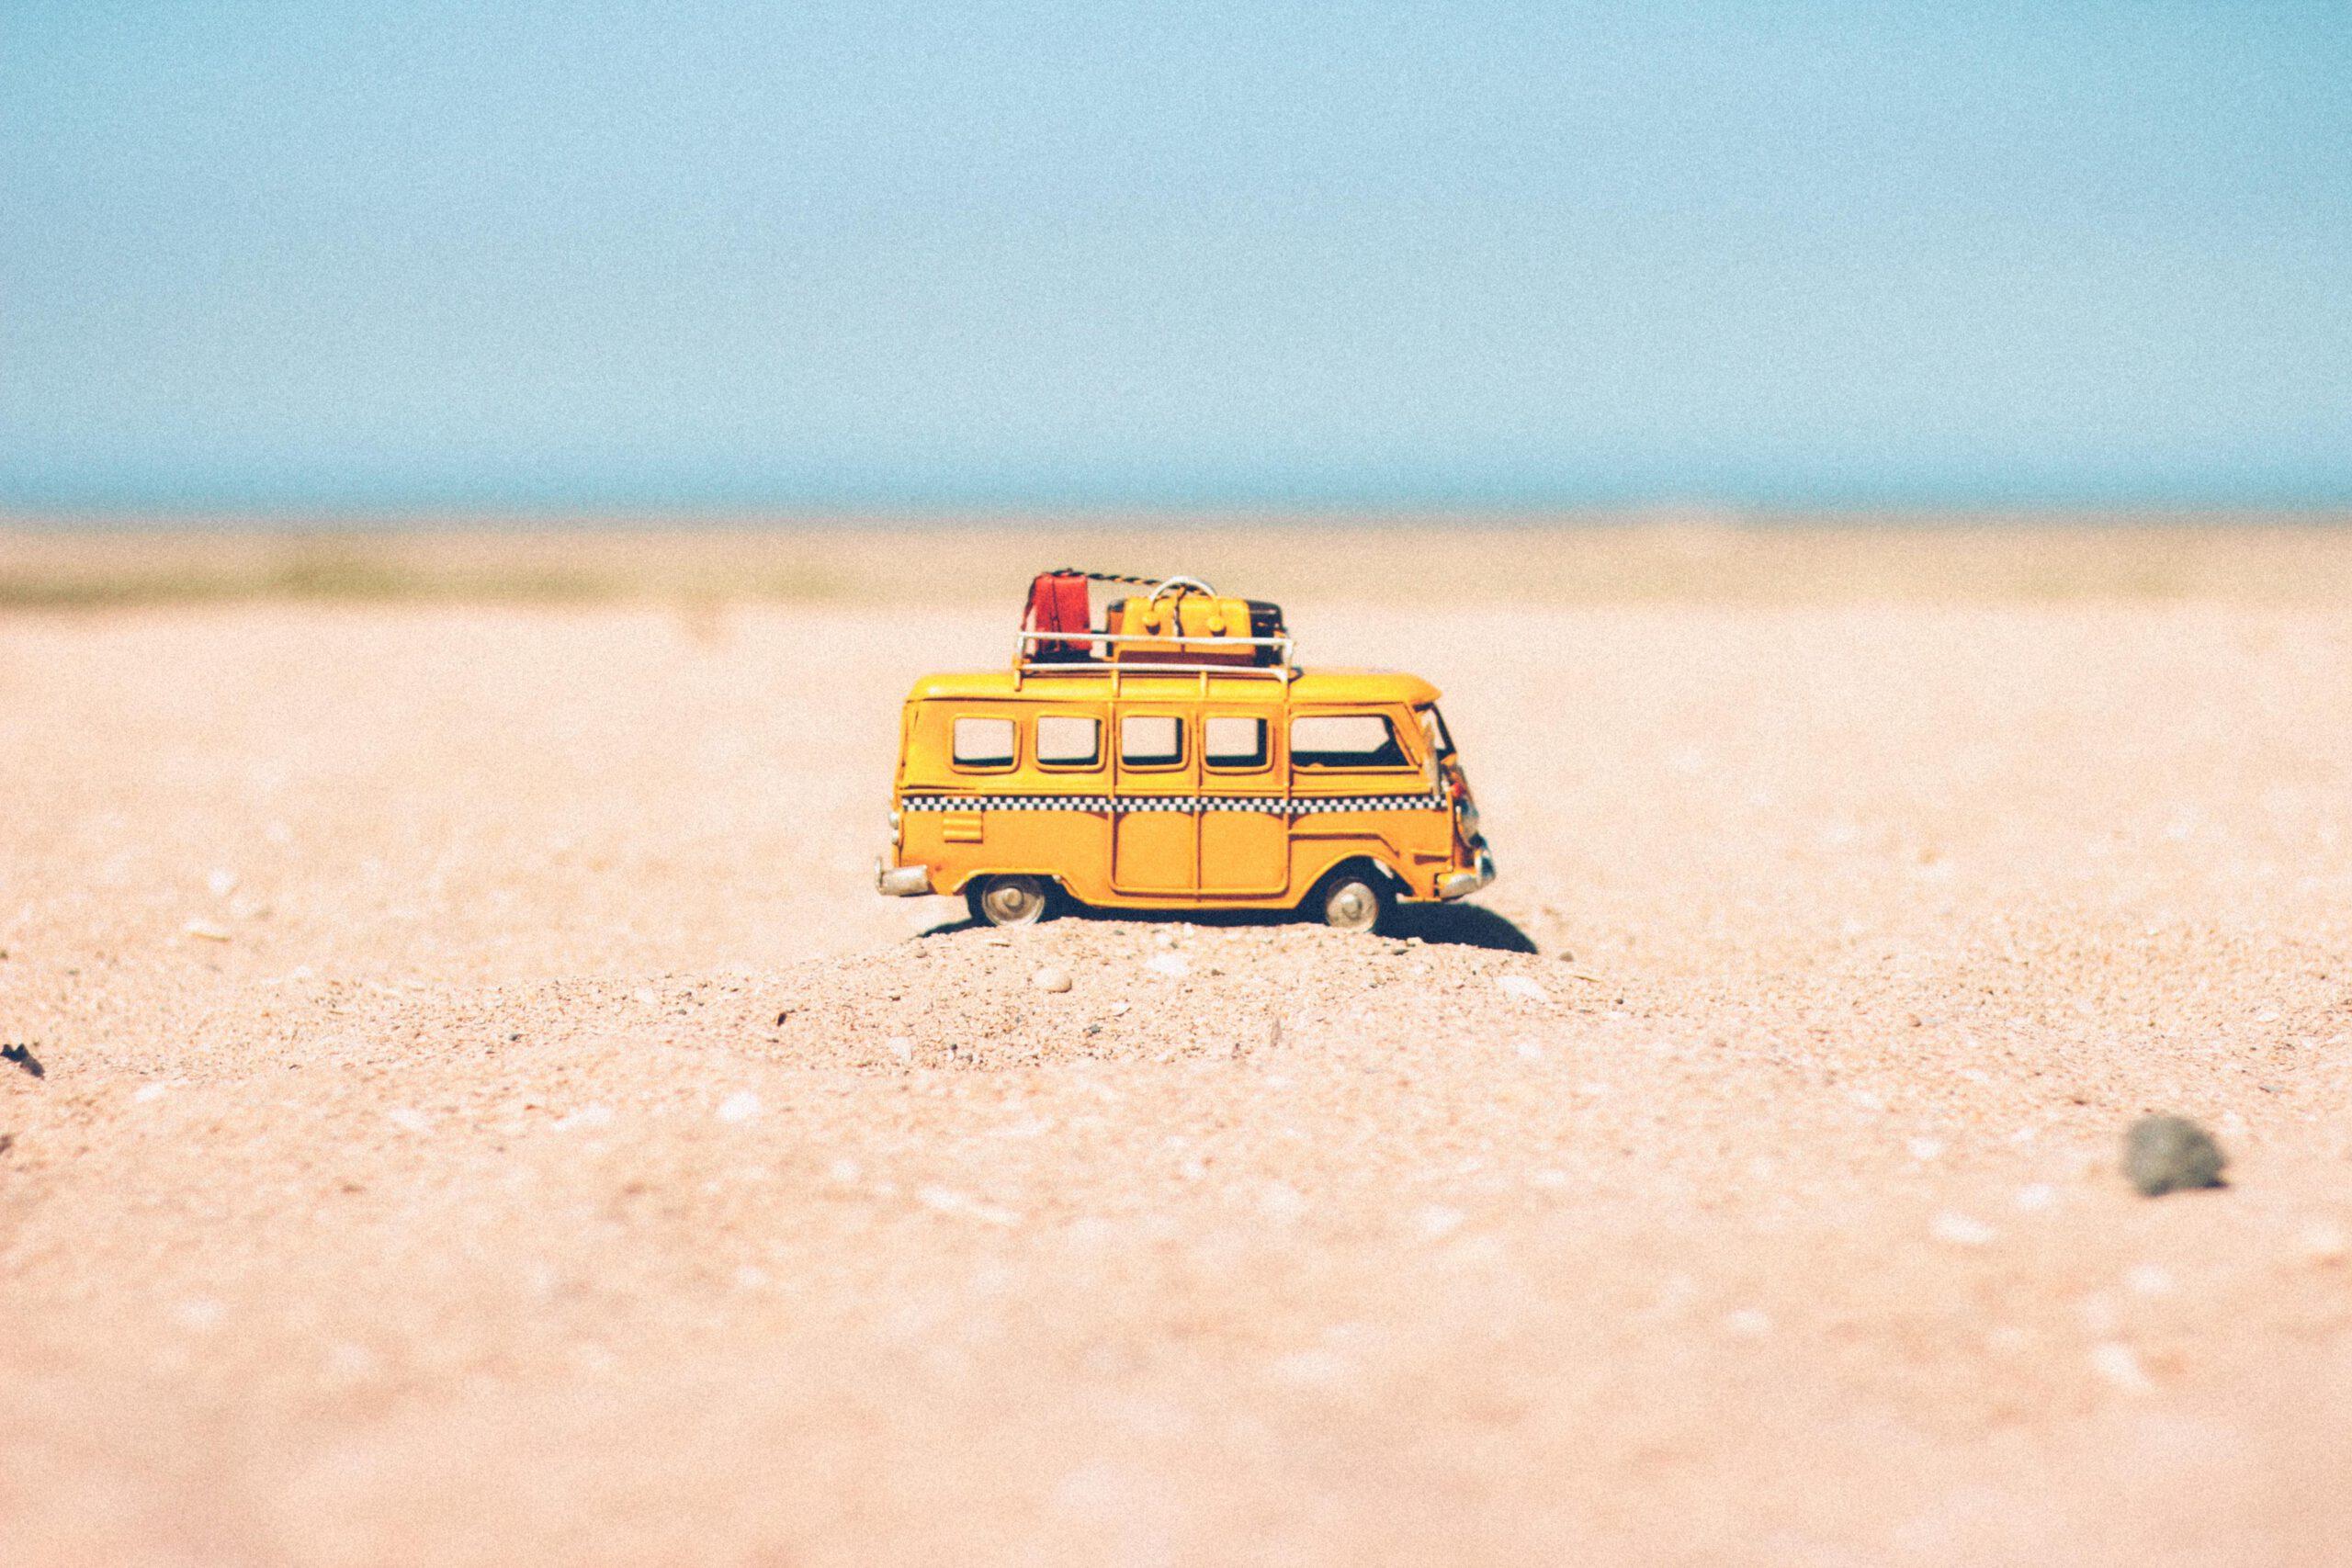 autobus zabawka na plaży